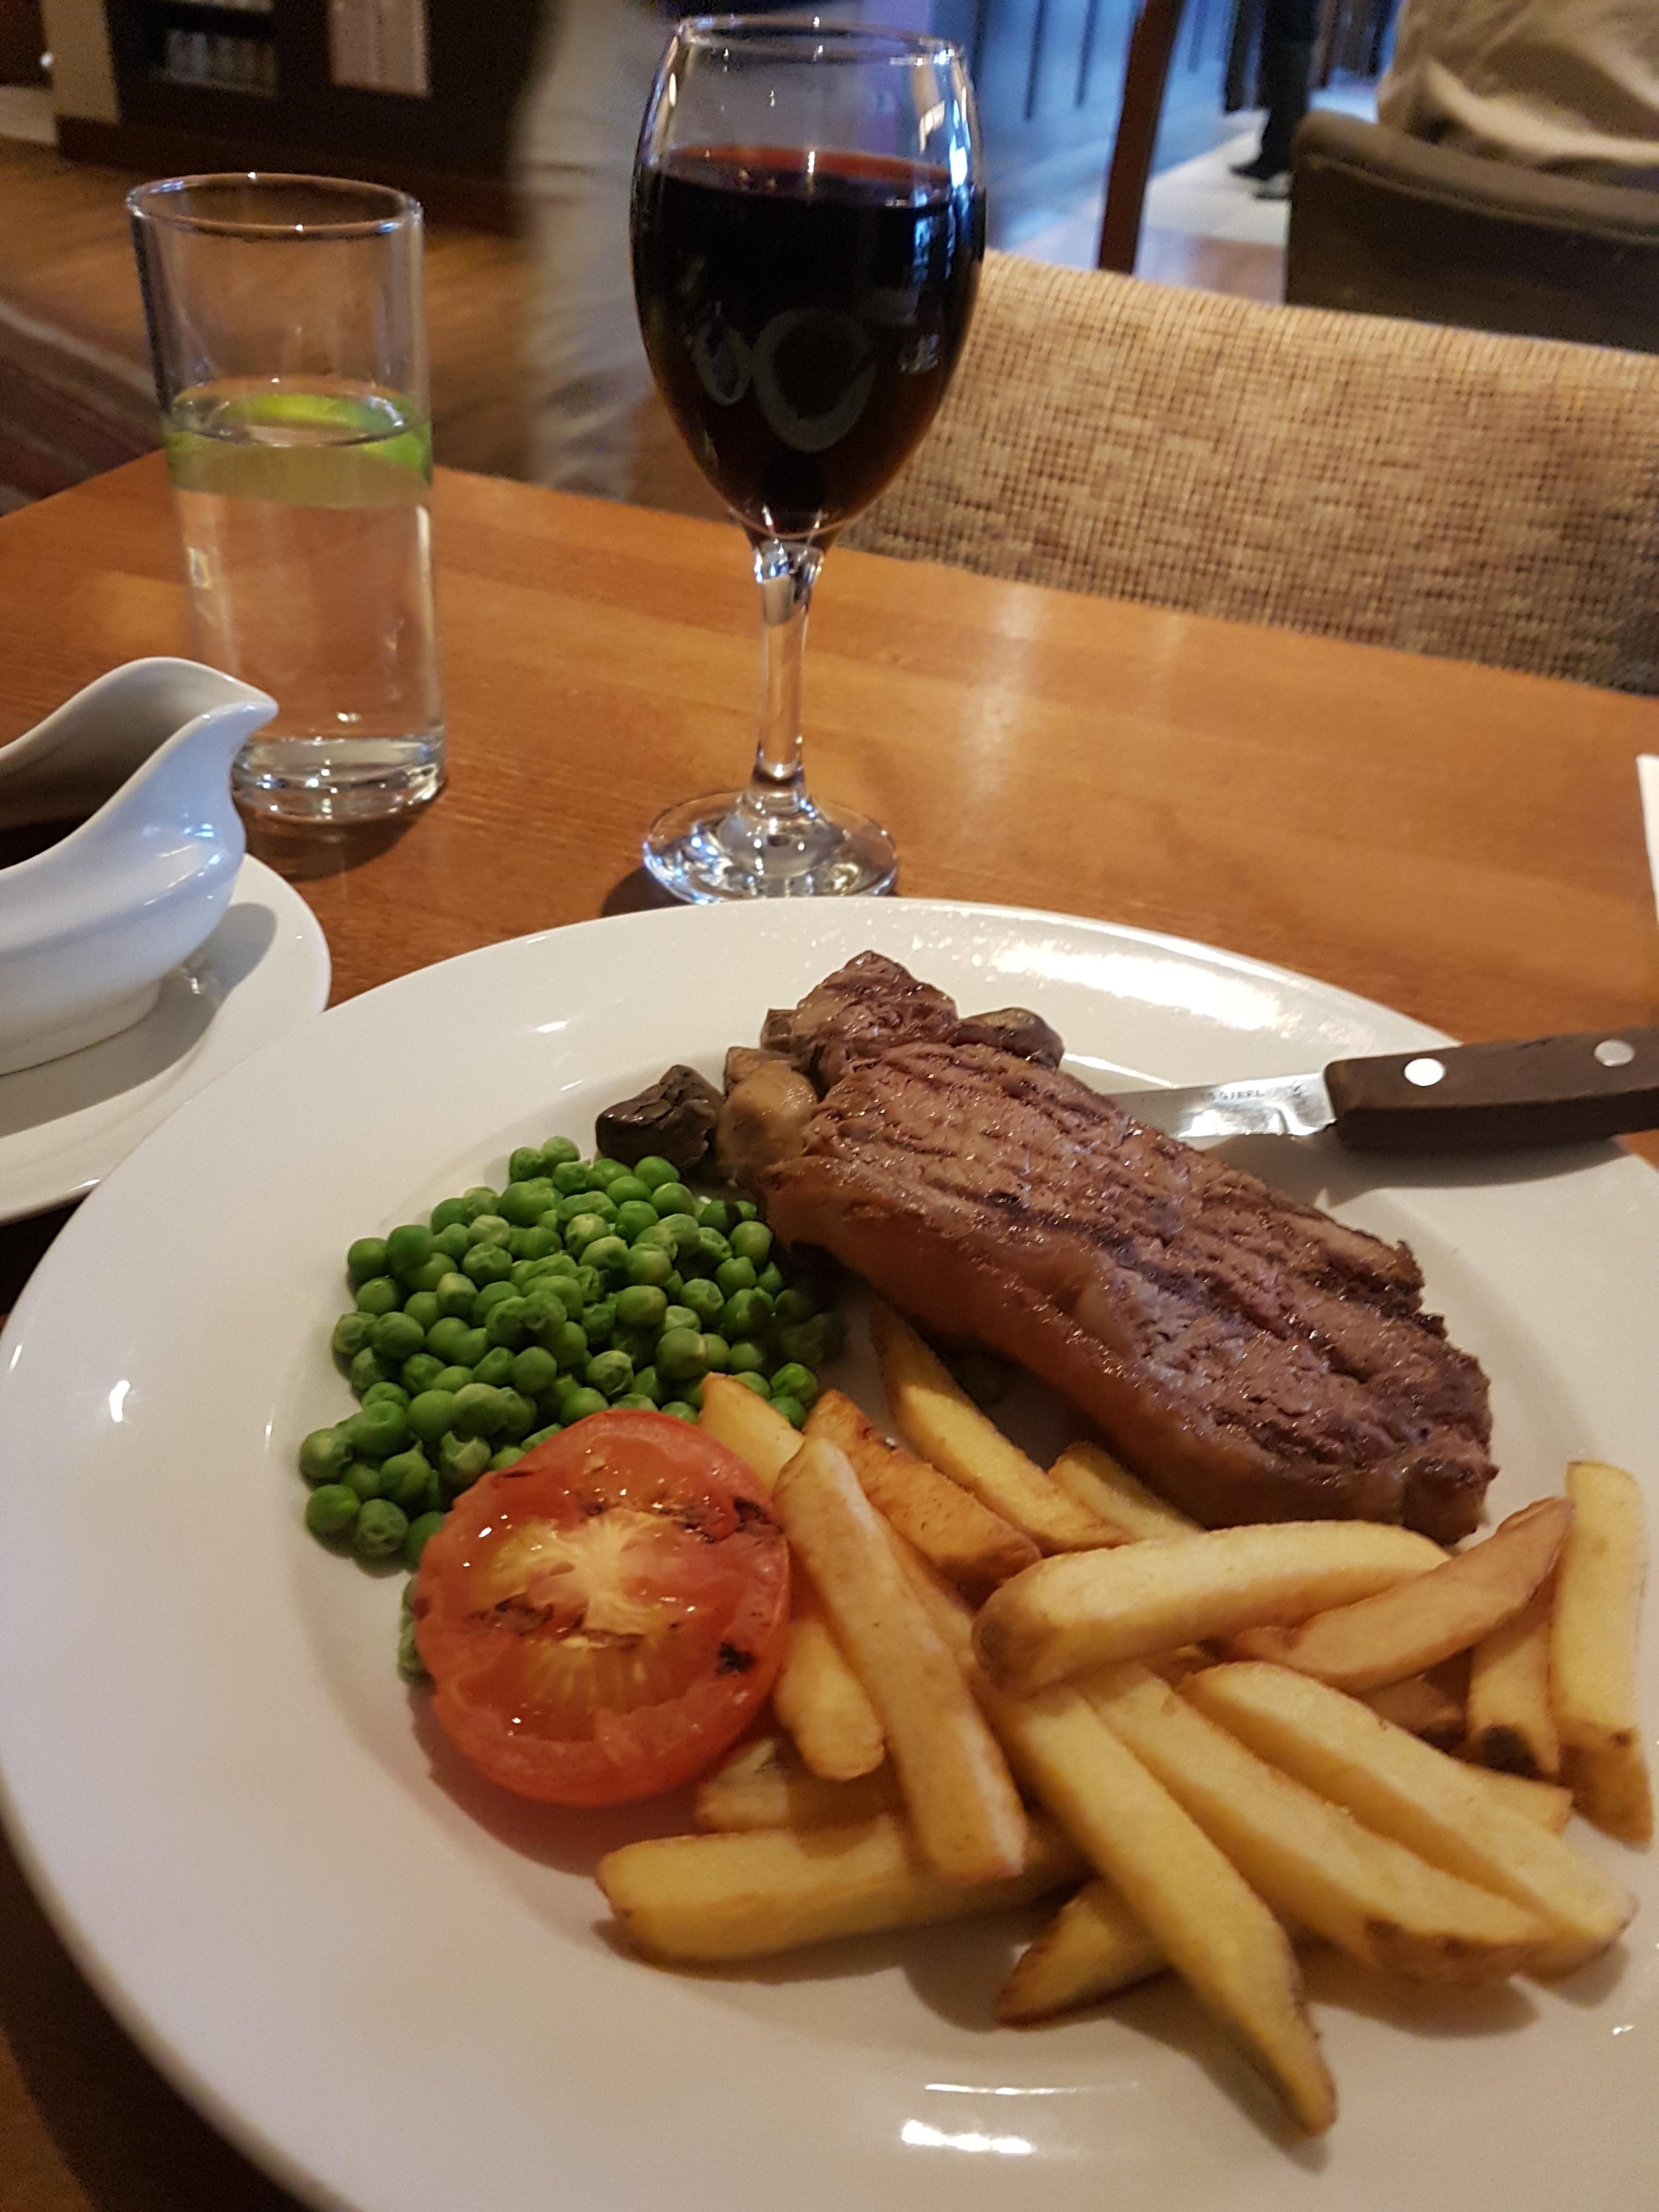 Premier Inn steak